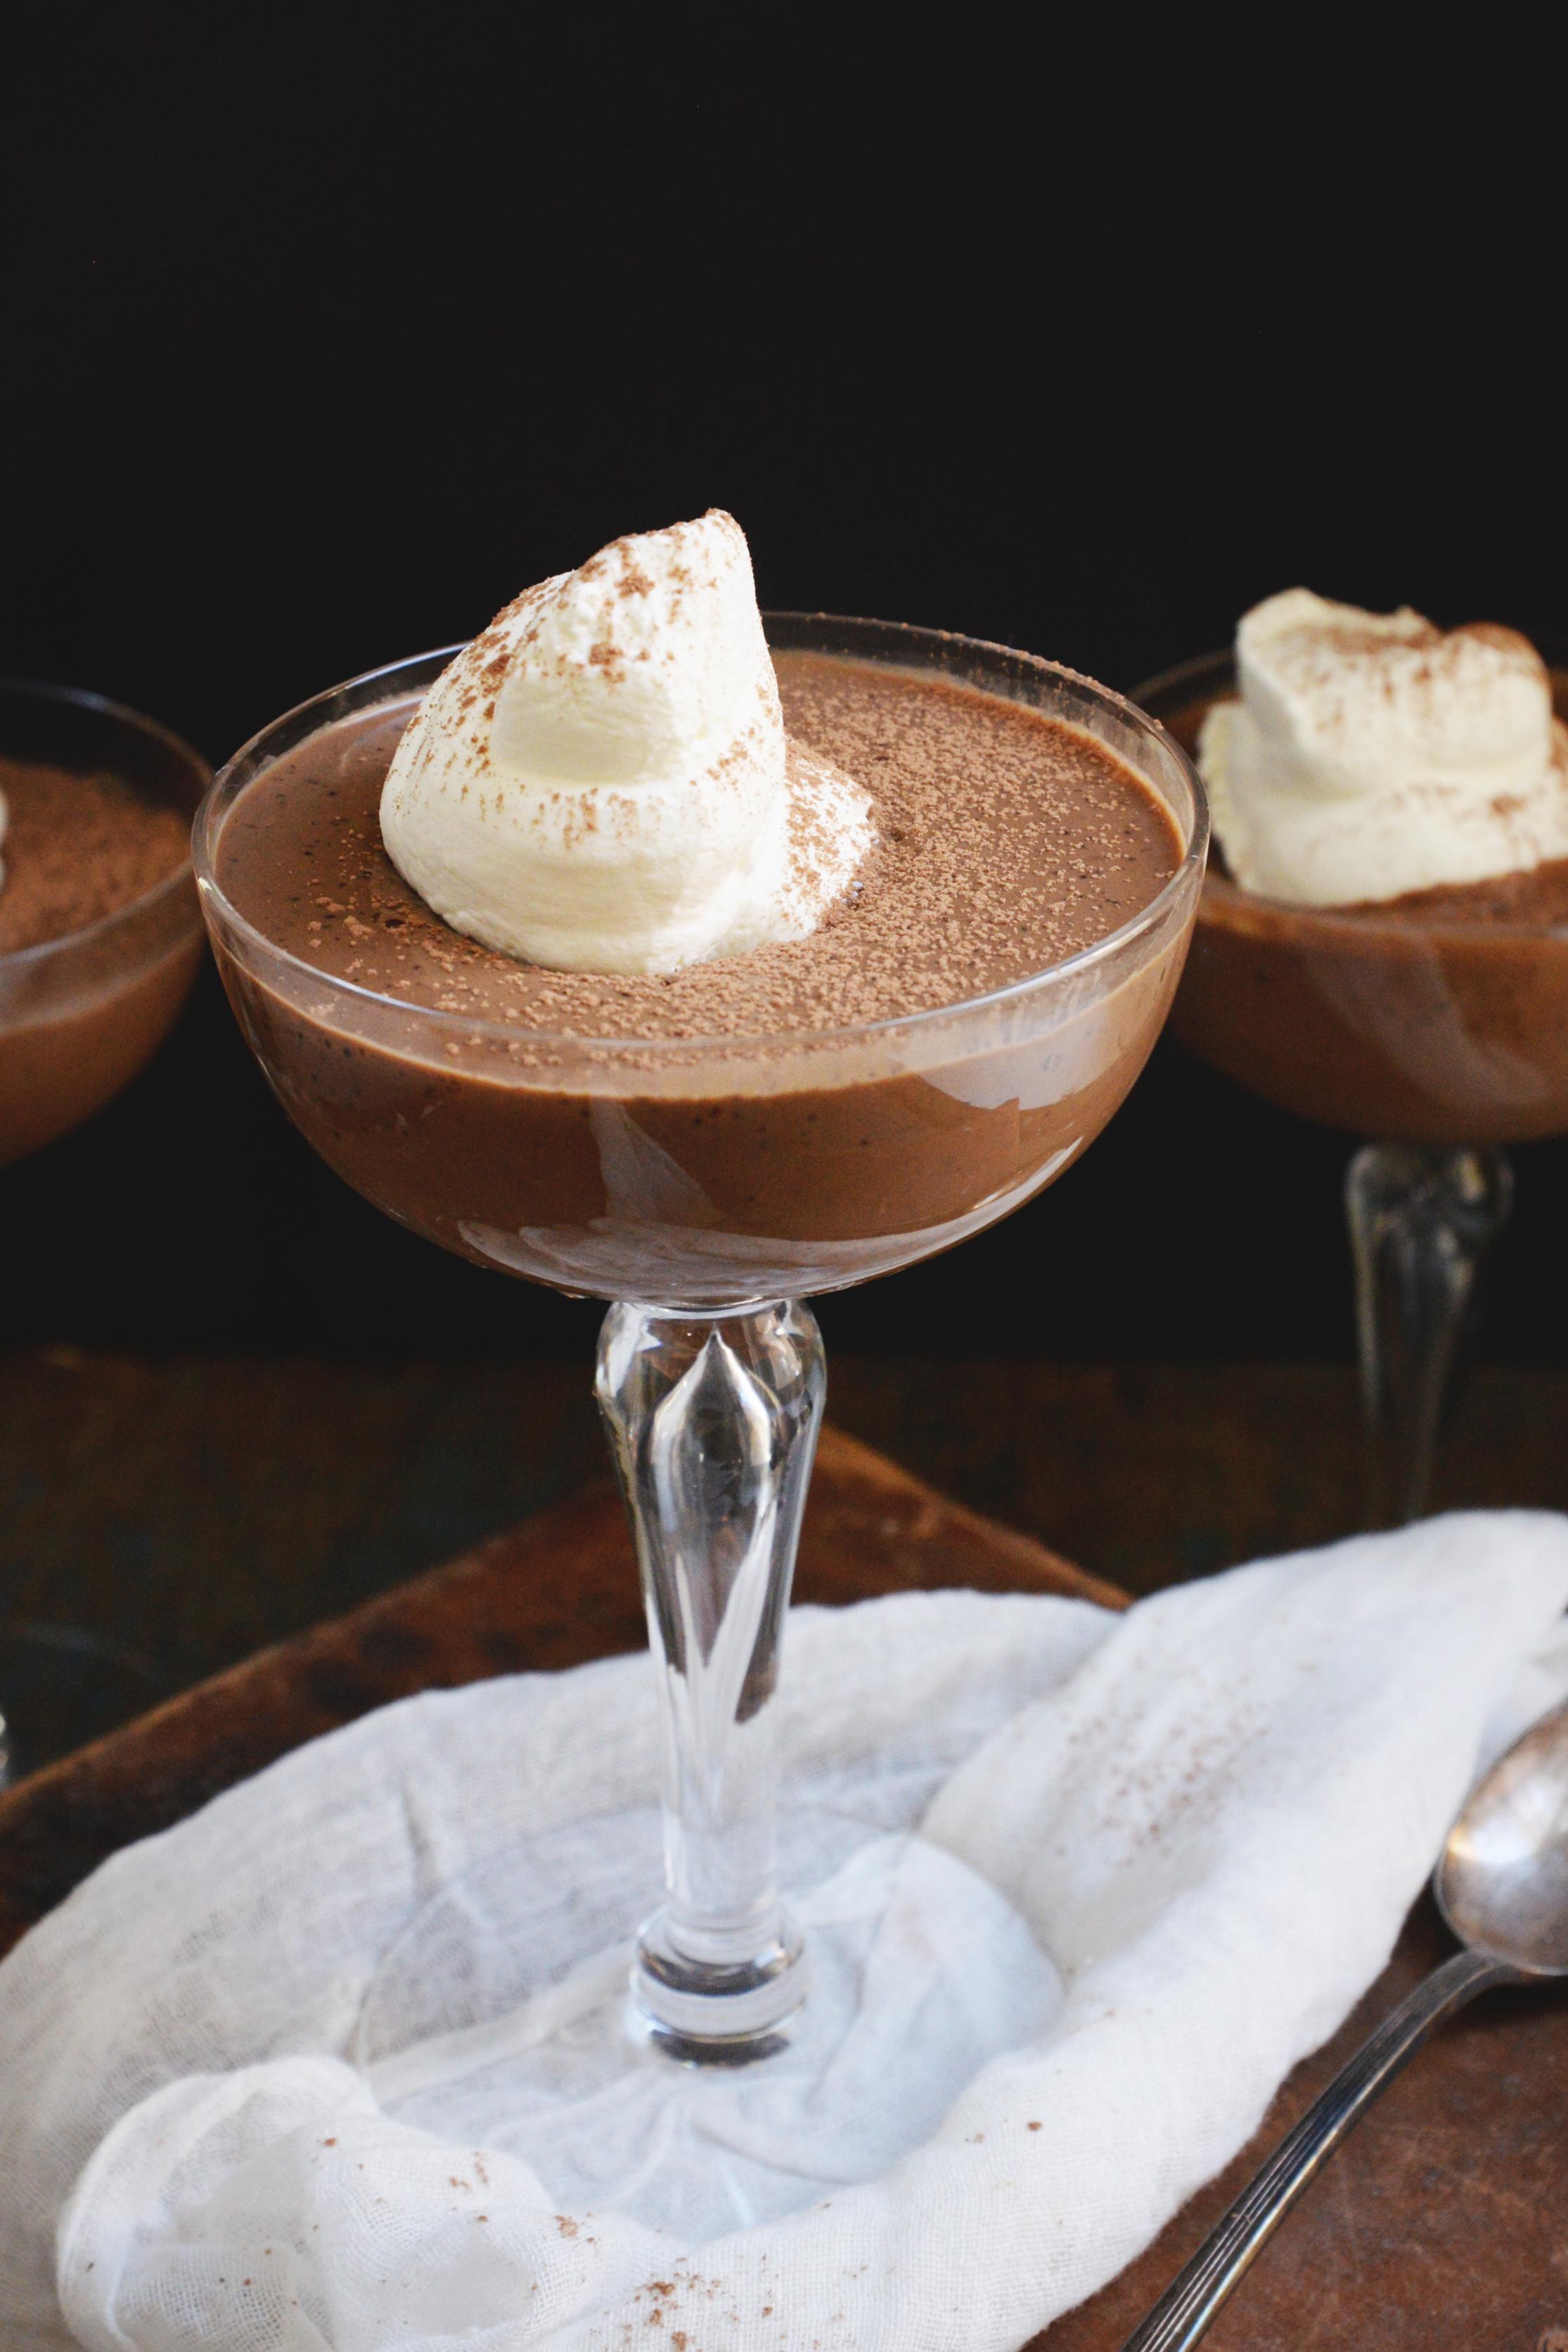 Kohlenhydratarmes Schokoladenpudding-Rezept - mit Schlagsahne und Kakaopulver.